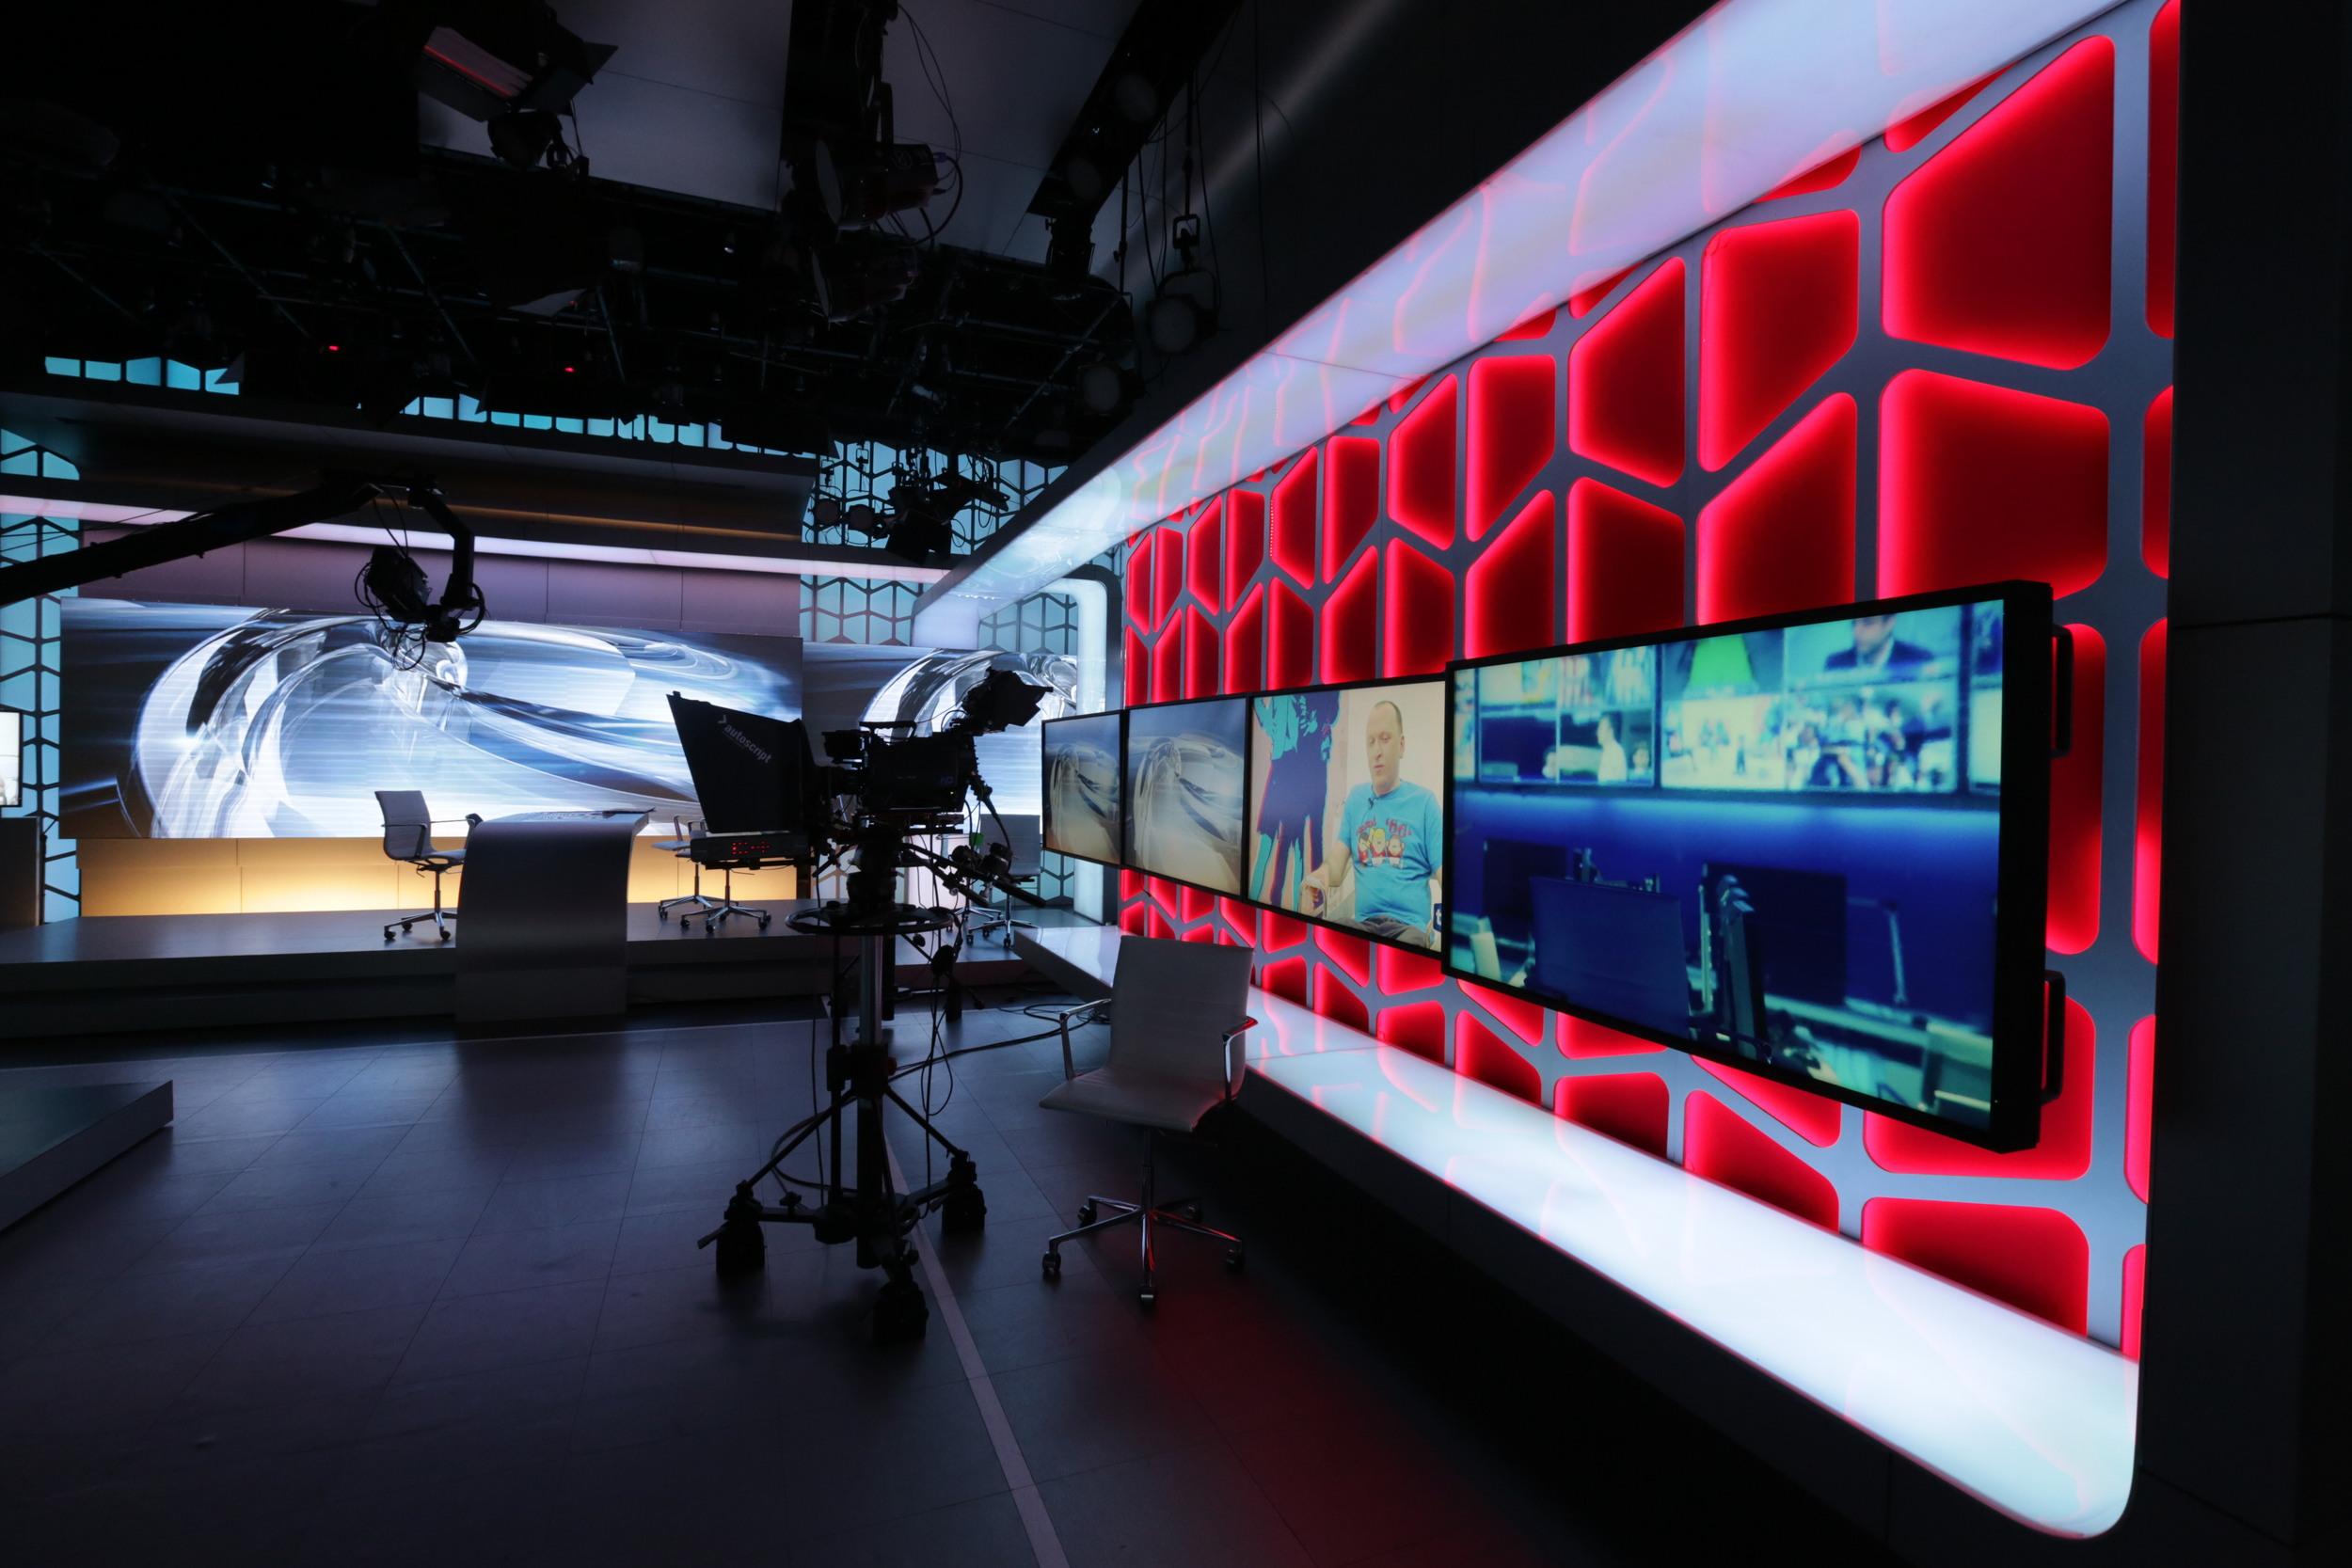 TV-9 HEADQUARTERS & STUDIO